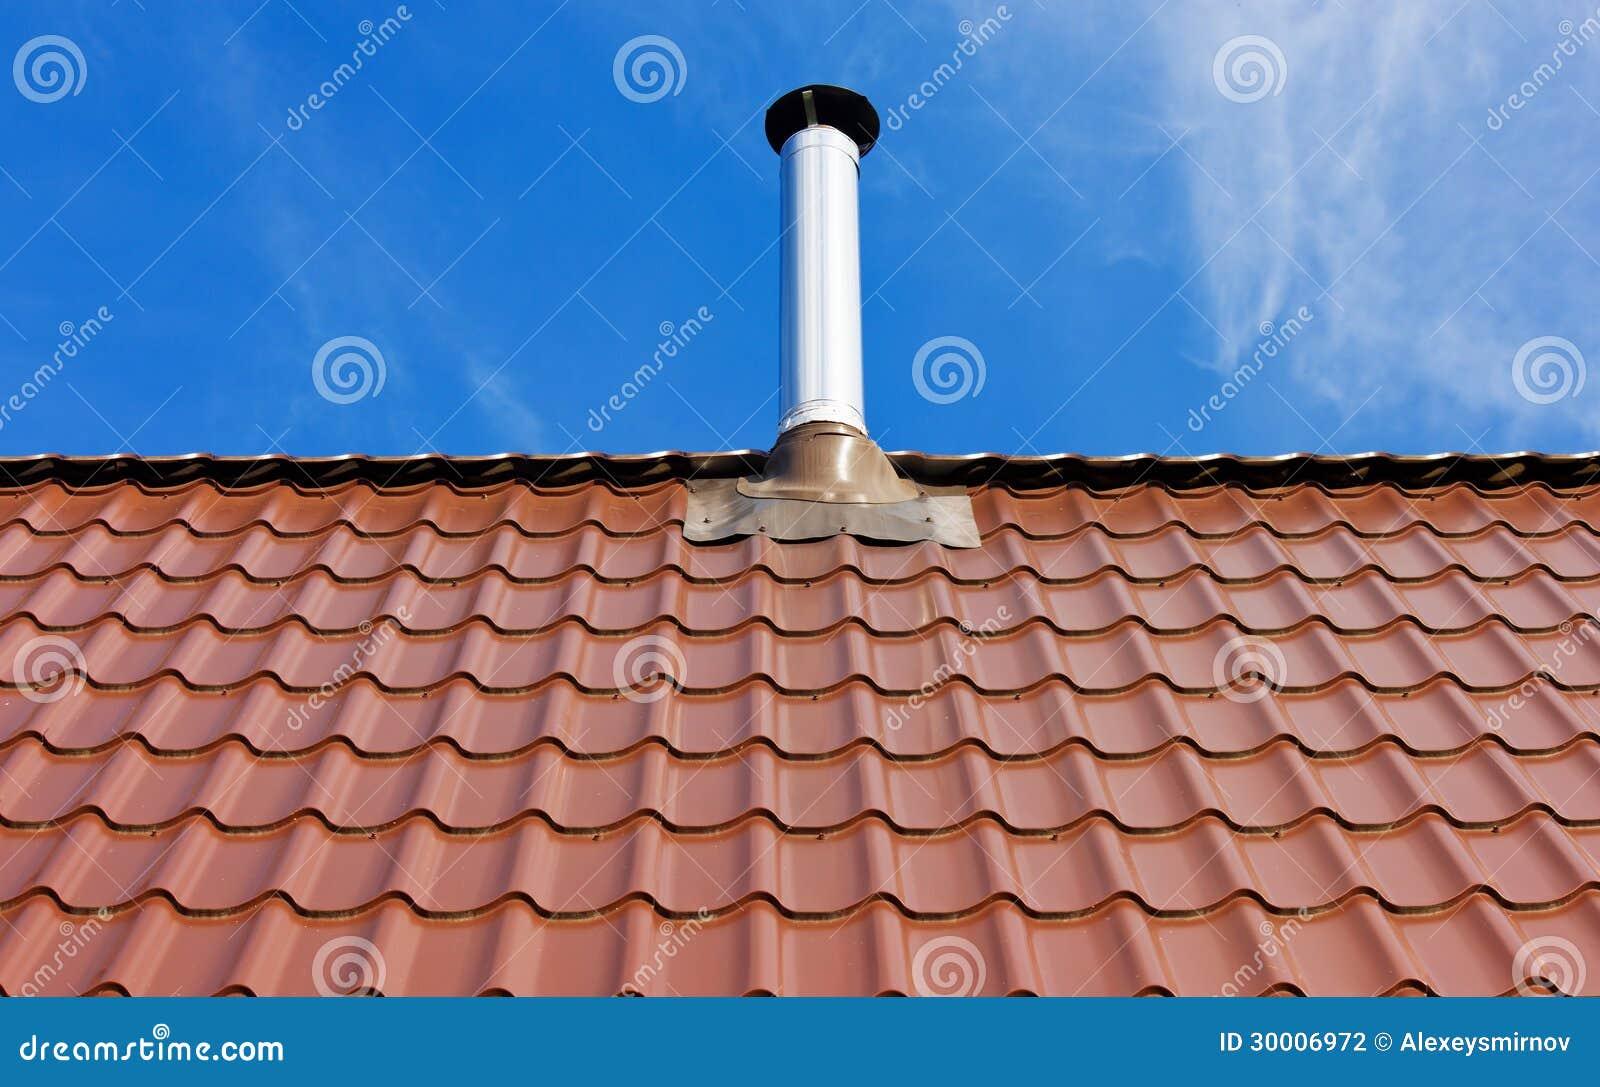 toit de tuile rouge avec une chemin e de bidon photographie stock image 30006972. Black Bedroom Furniture Sets. Home Design Ideas